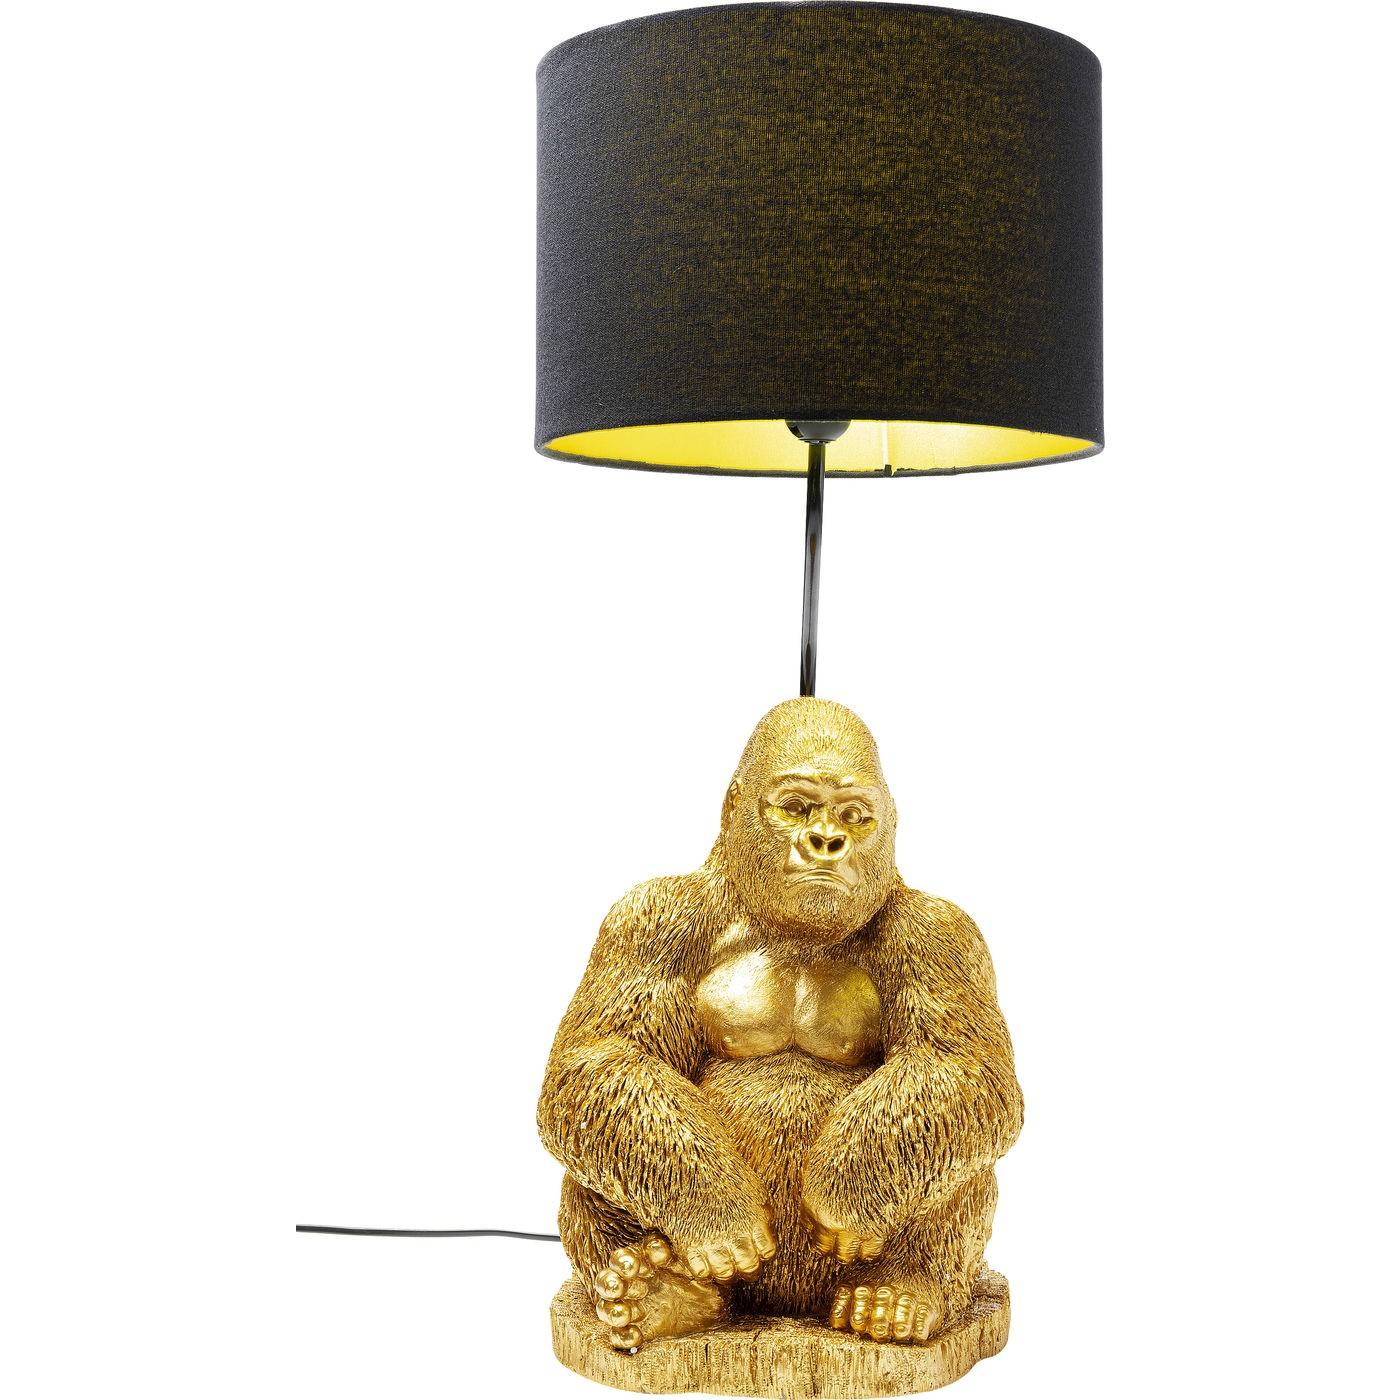 Lampe gorille en polyrésine dorée et abat-jour noir